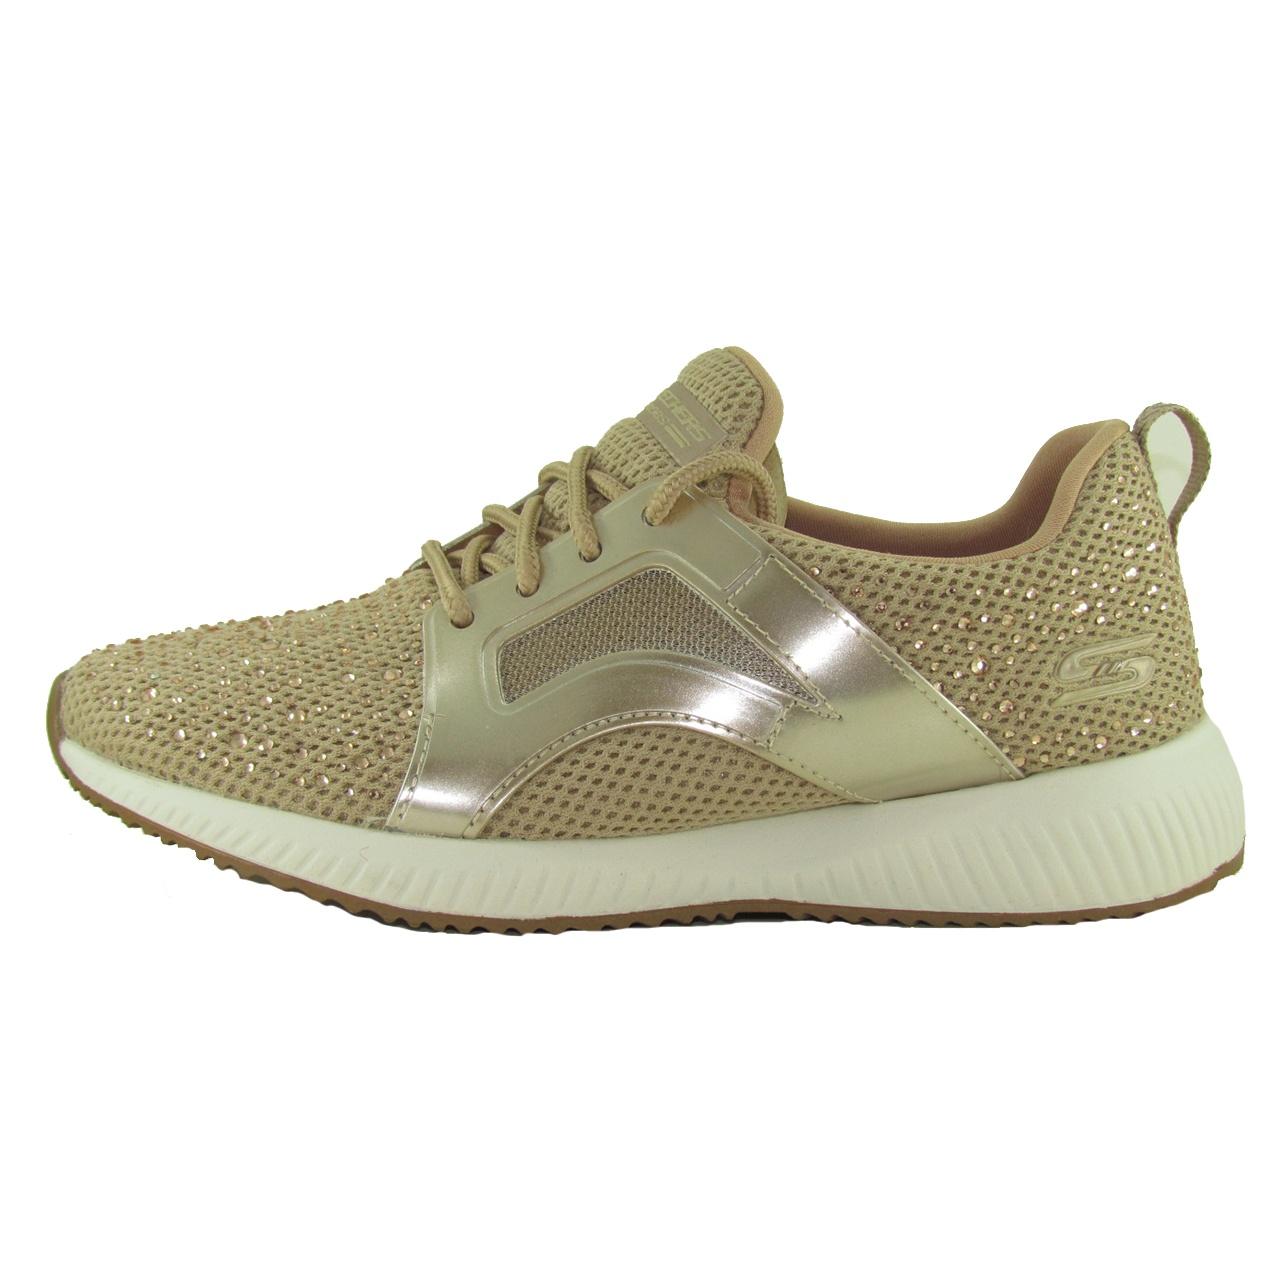 کفش مخصوص پیاده روی زنانه اسکچرز مدل 31372RSGD